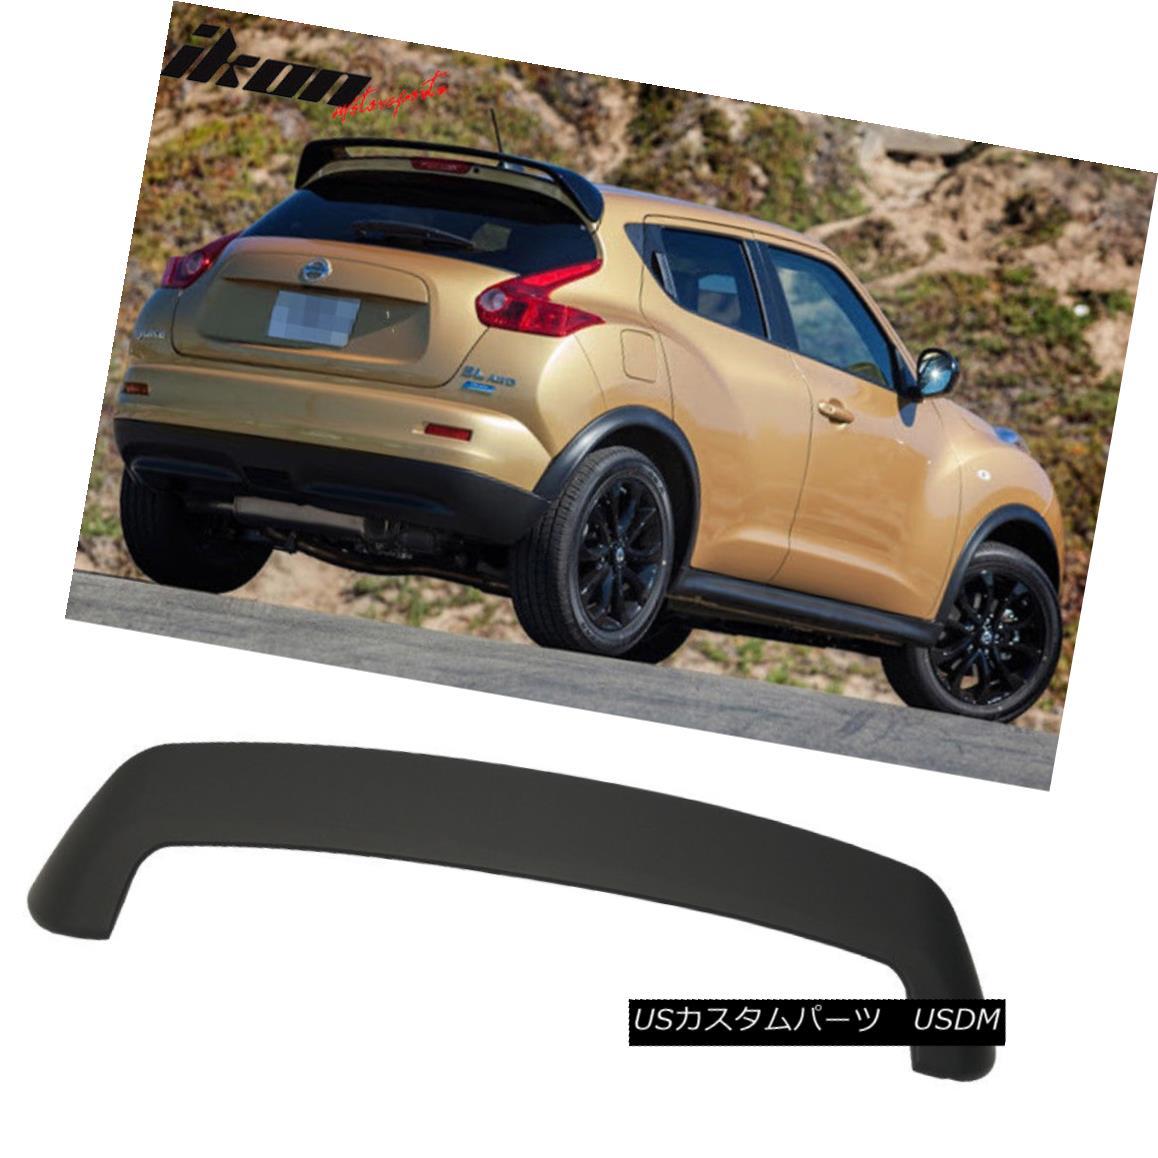 エアロパーツ Fits 11-17 Nissan Juke OE Style Rear Roof Spoiler Wing ABS Matte Black フィット11-17日産ジュークOEスタイルリアルーフスポイラーウィングABSマットブラック